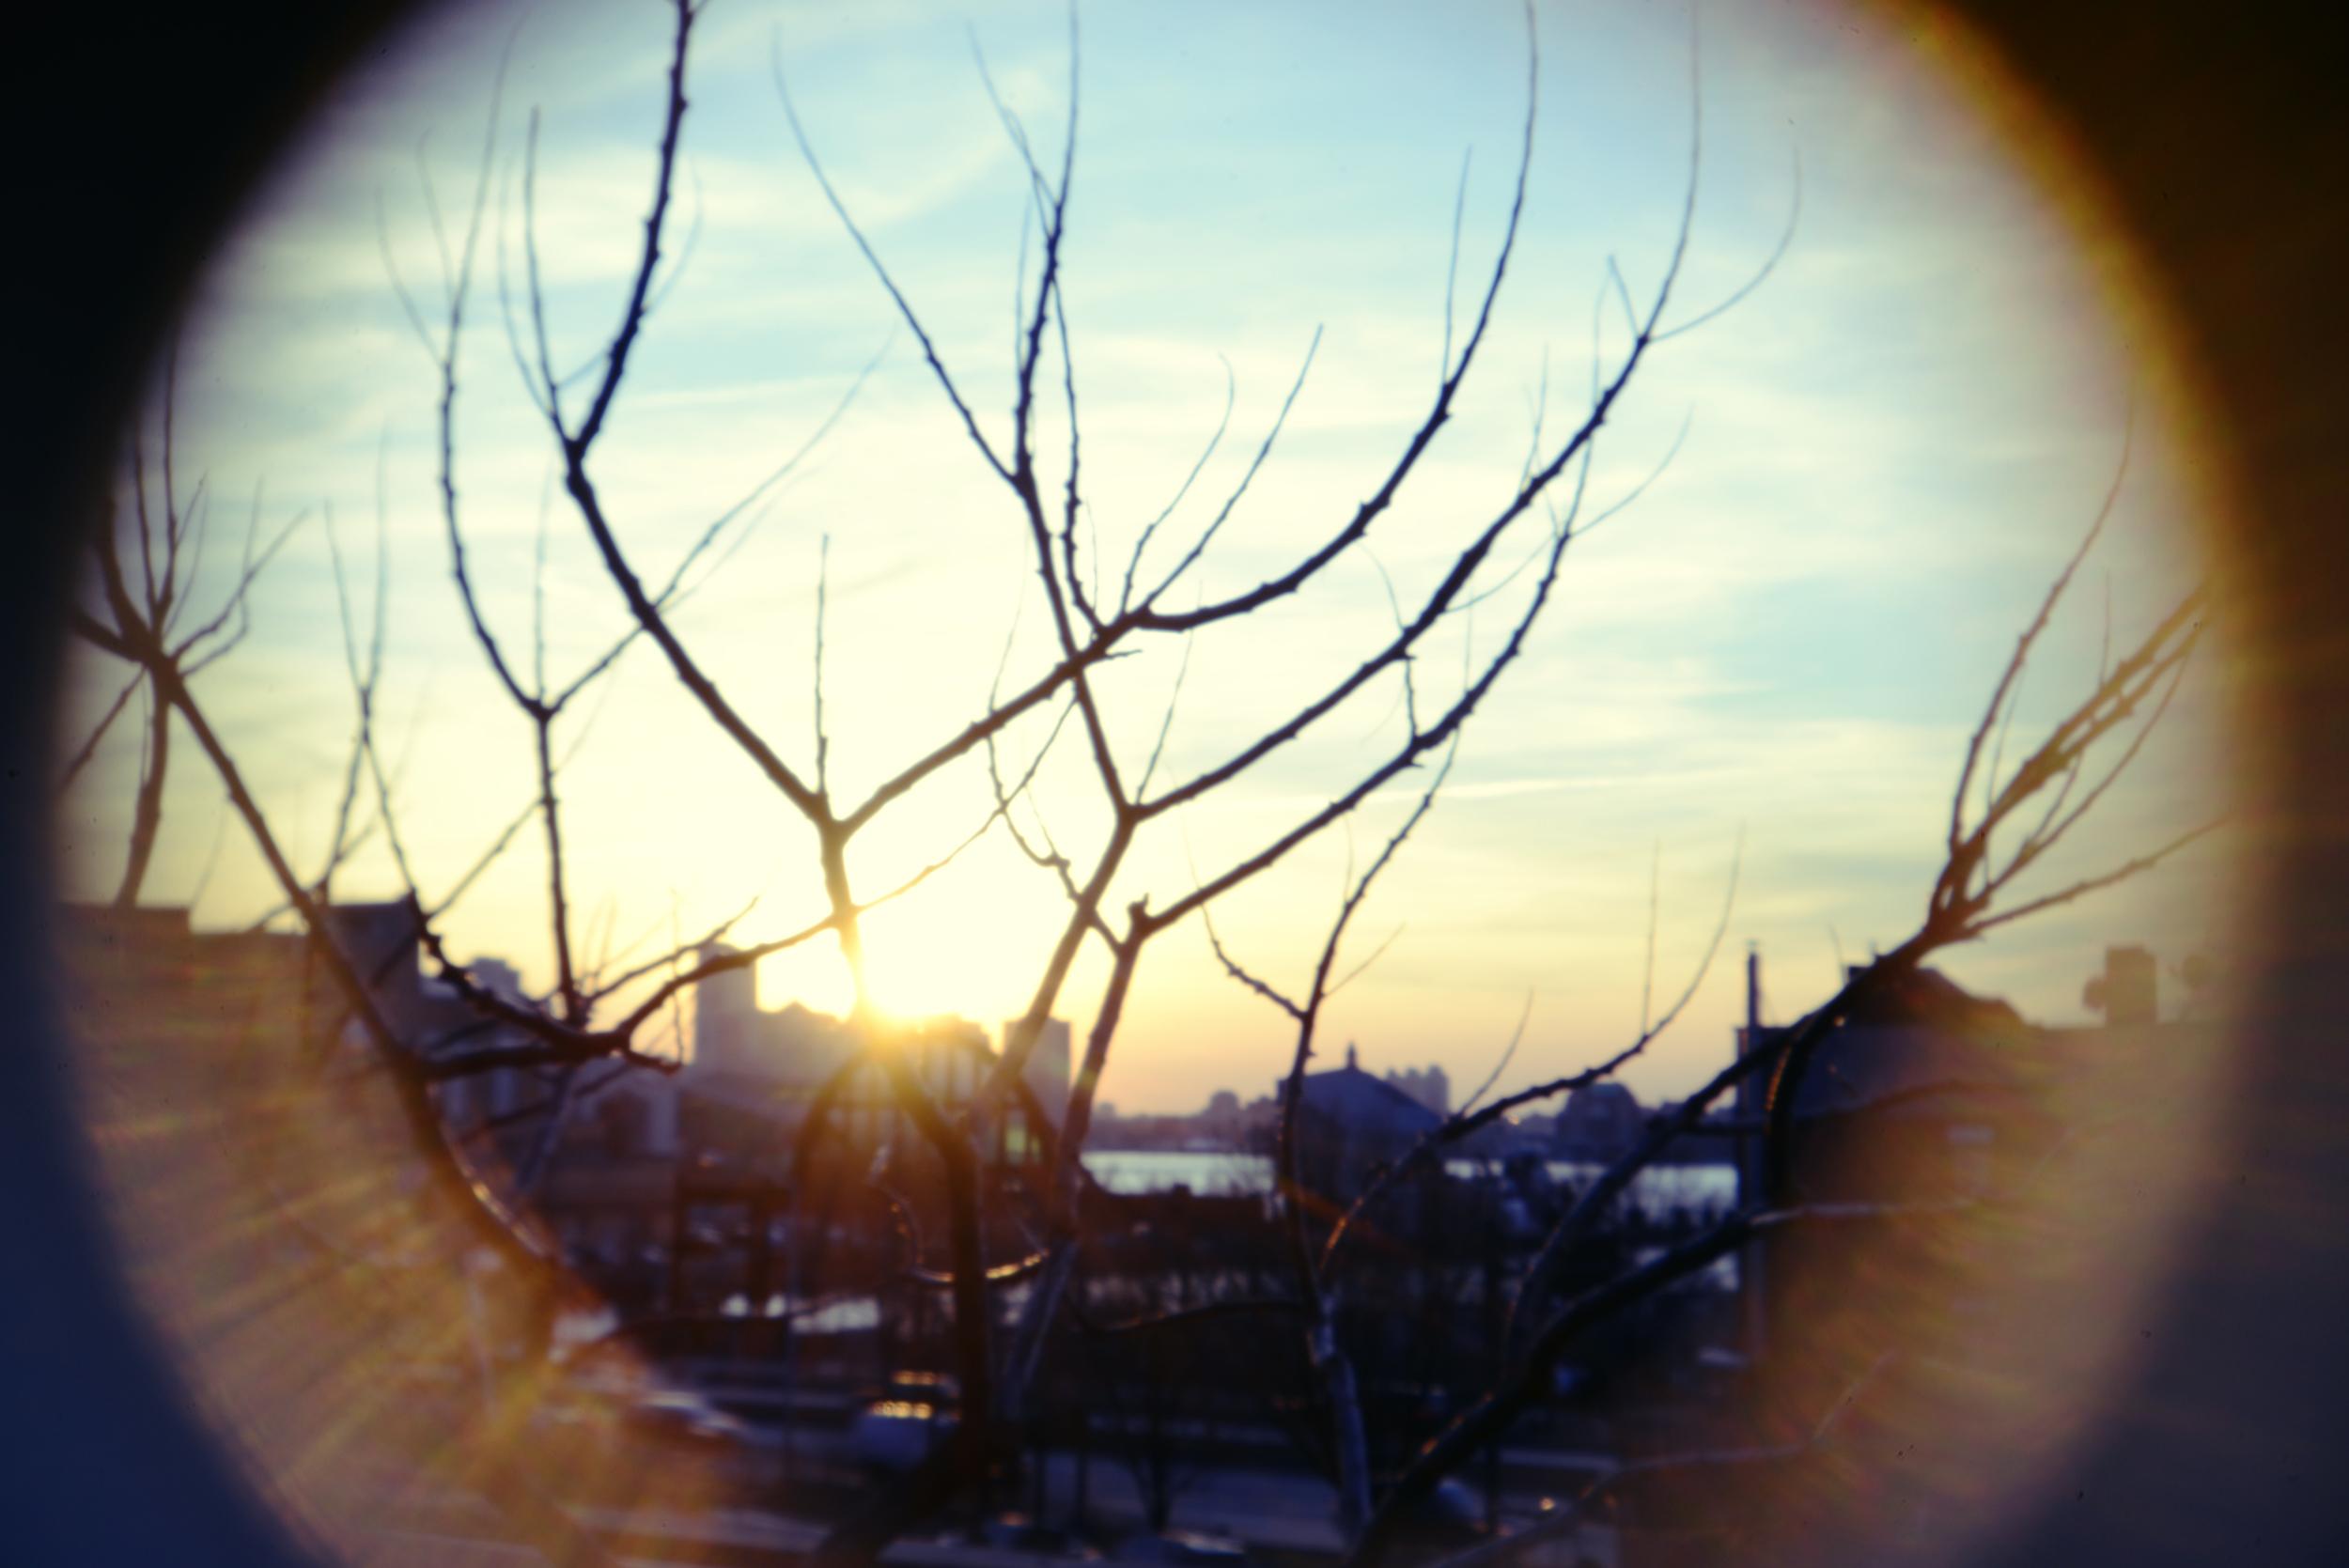 NYC highline holga lens2.jpg